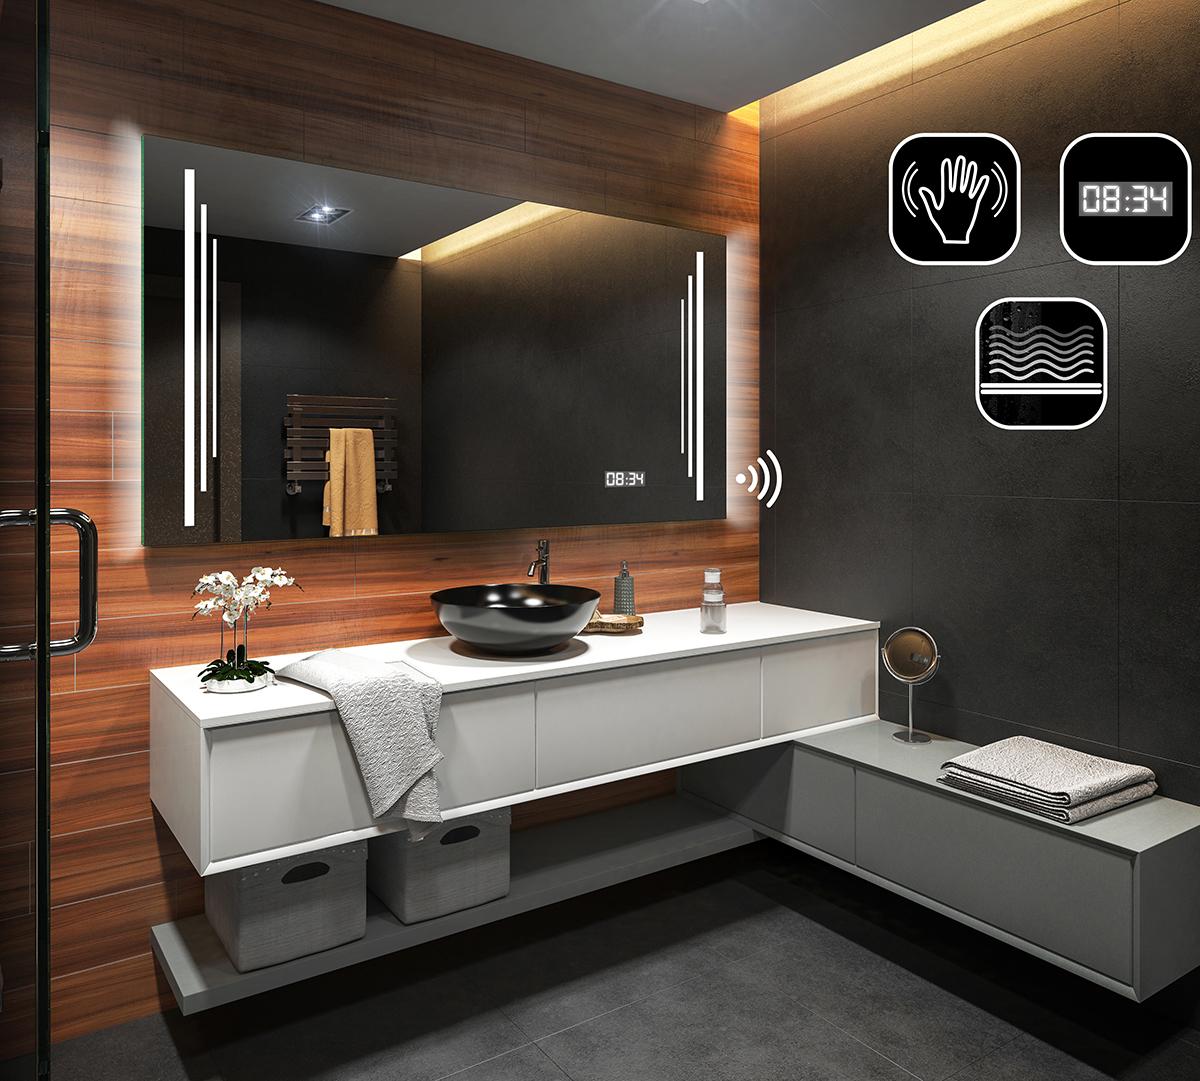 badspiegel mit led beleuchtung spiegel mit sensor schalter led uhr heizmatte ebay. Black Bedroom Furniture Sets. Home Design Ideas